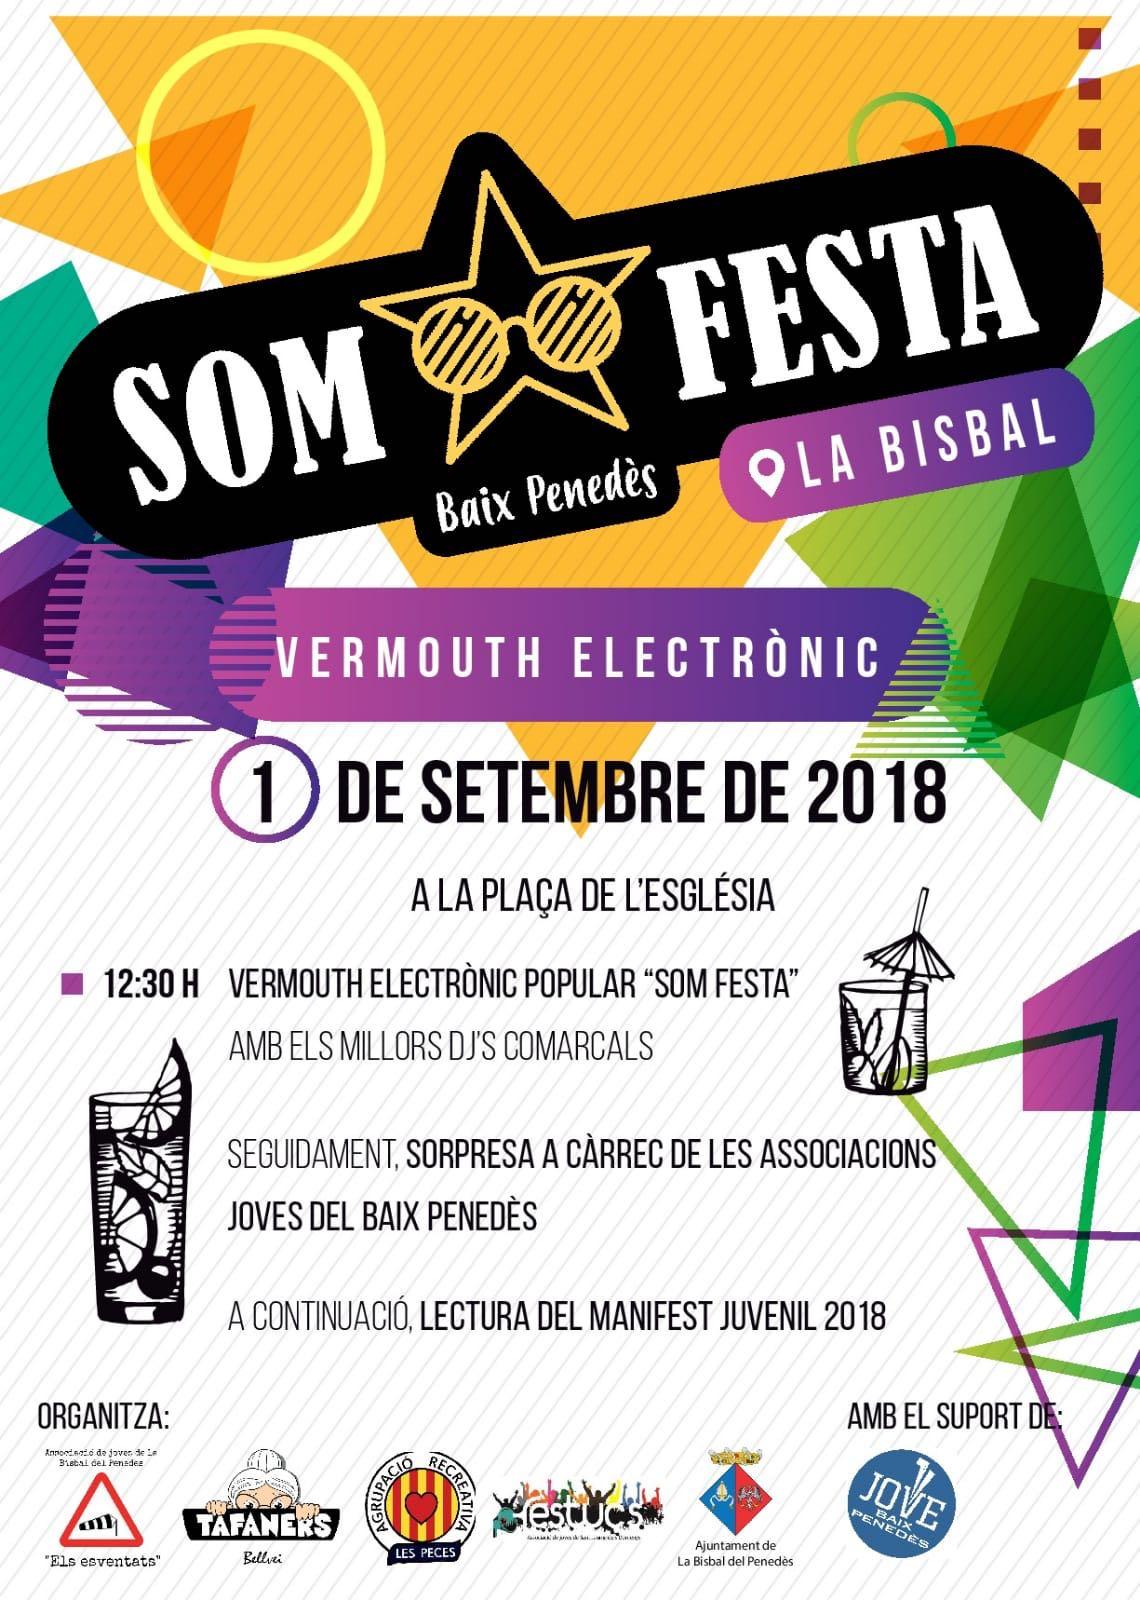 El dia 1 de setembre la Bisbal acollirà la presentació d'un nou col·lectiu format per 4 entitats juvenils de la comarca